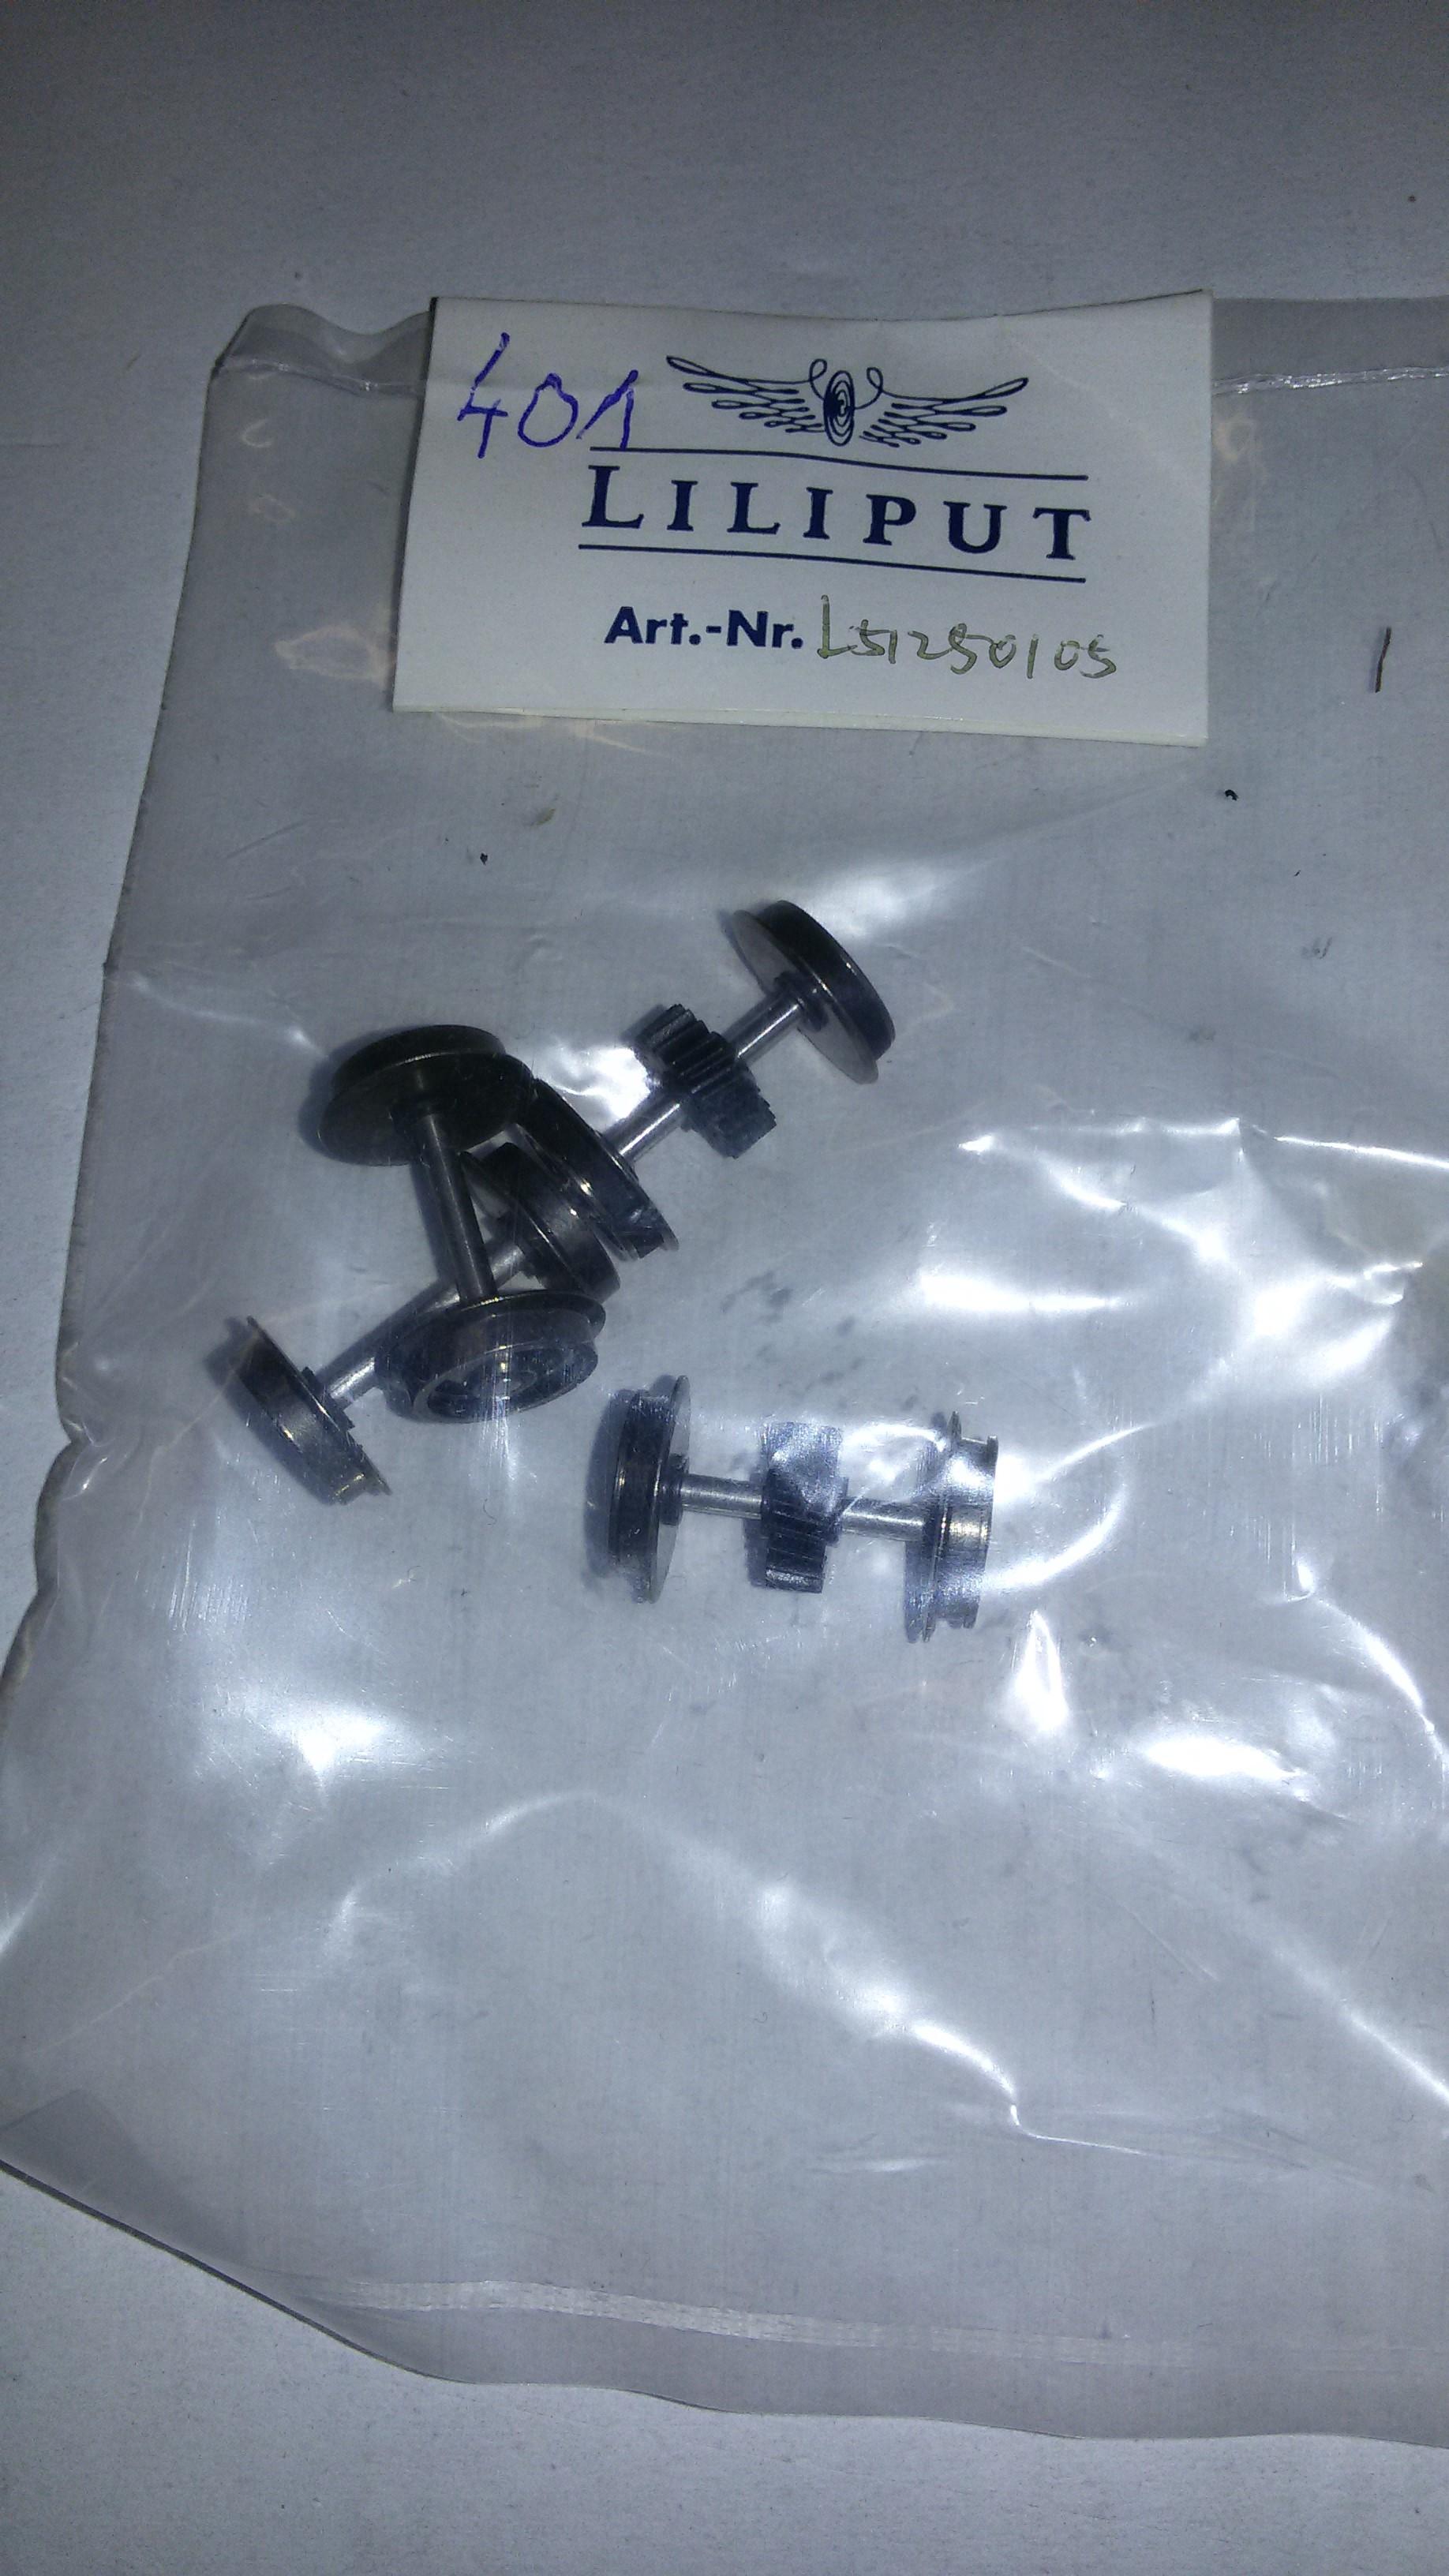 *LO 401* Liliput Ersatzteil L51250105 Radsatz